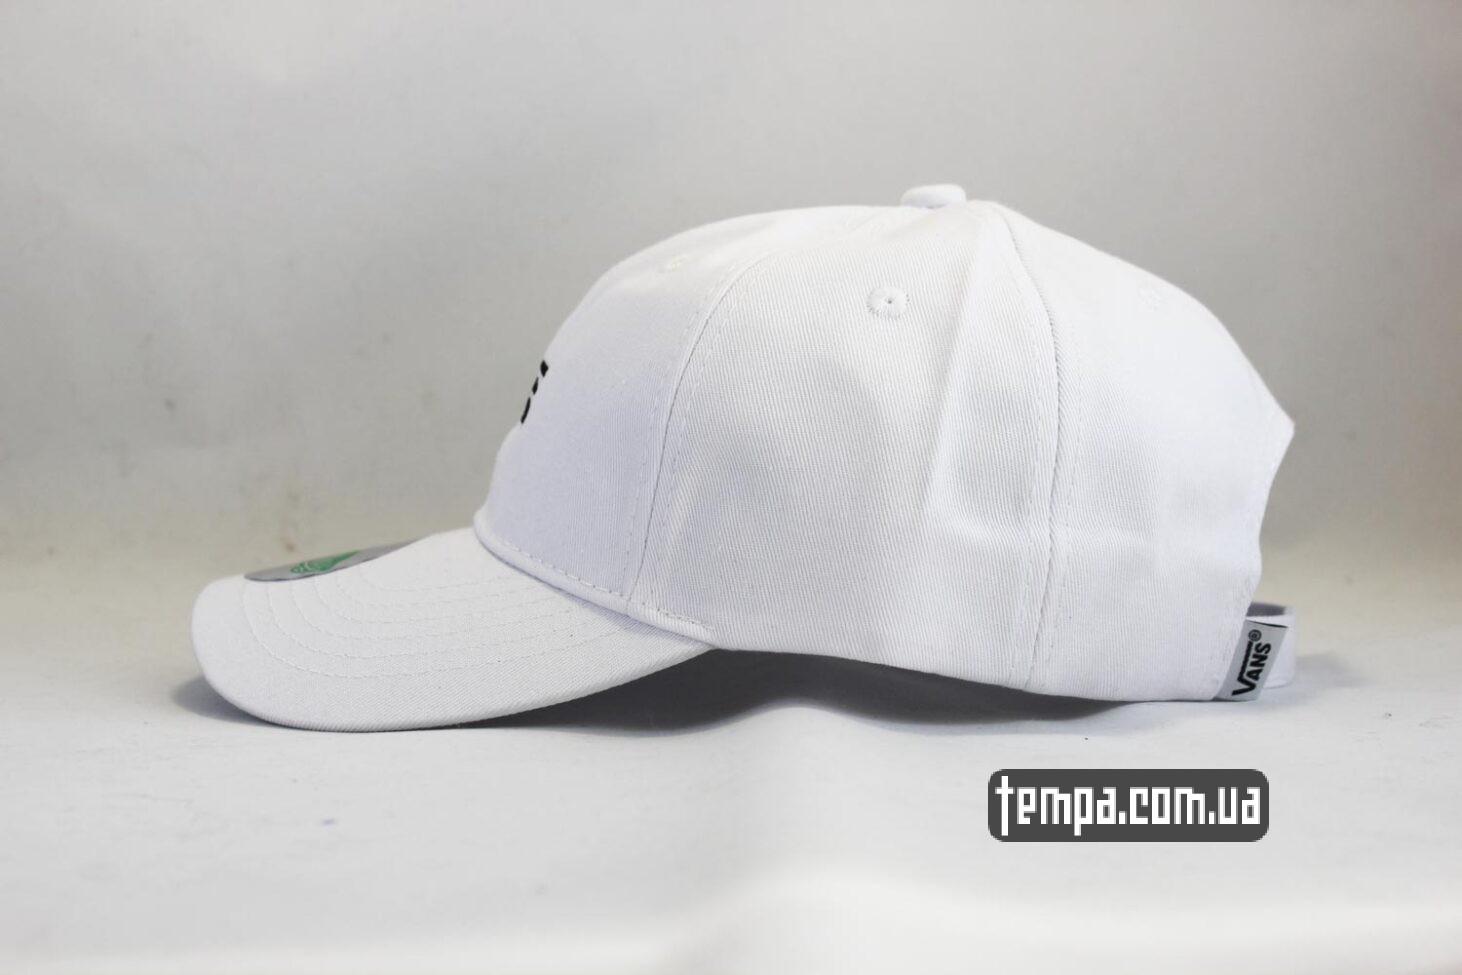 одежда вэнс украина кепка VANS белая snapback VANS OFF THE WALL купить